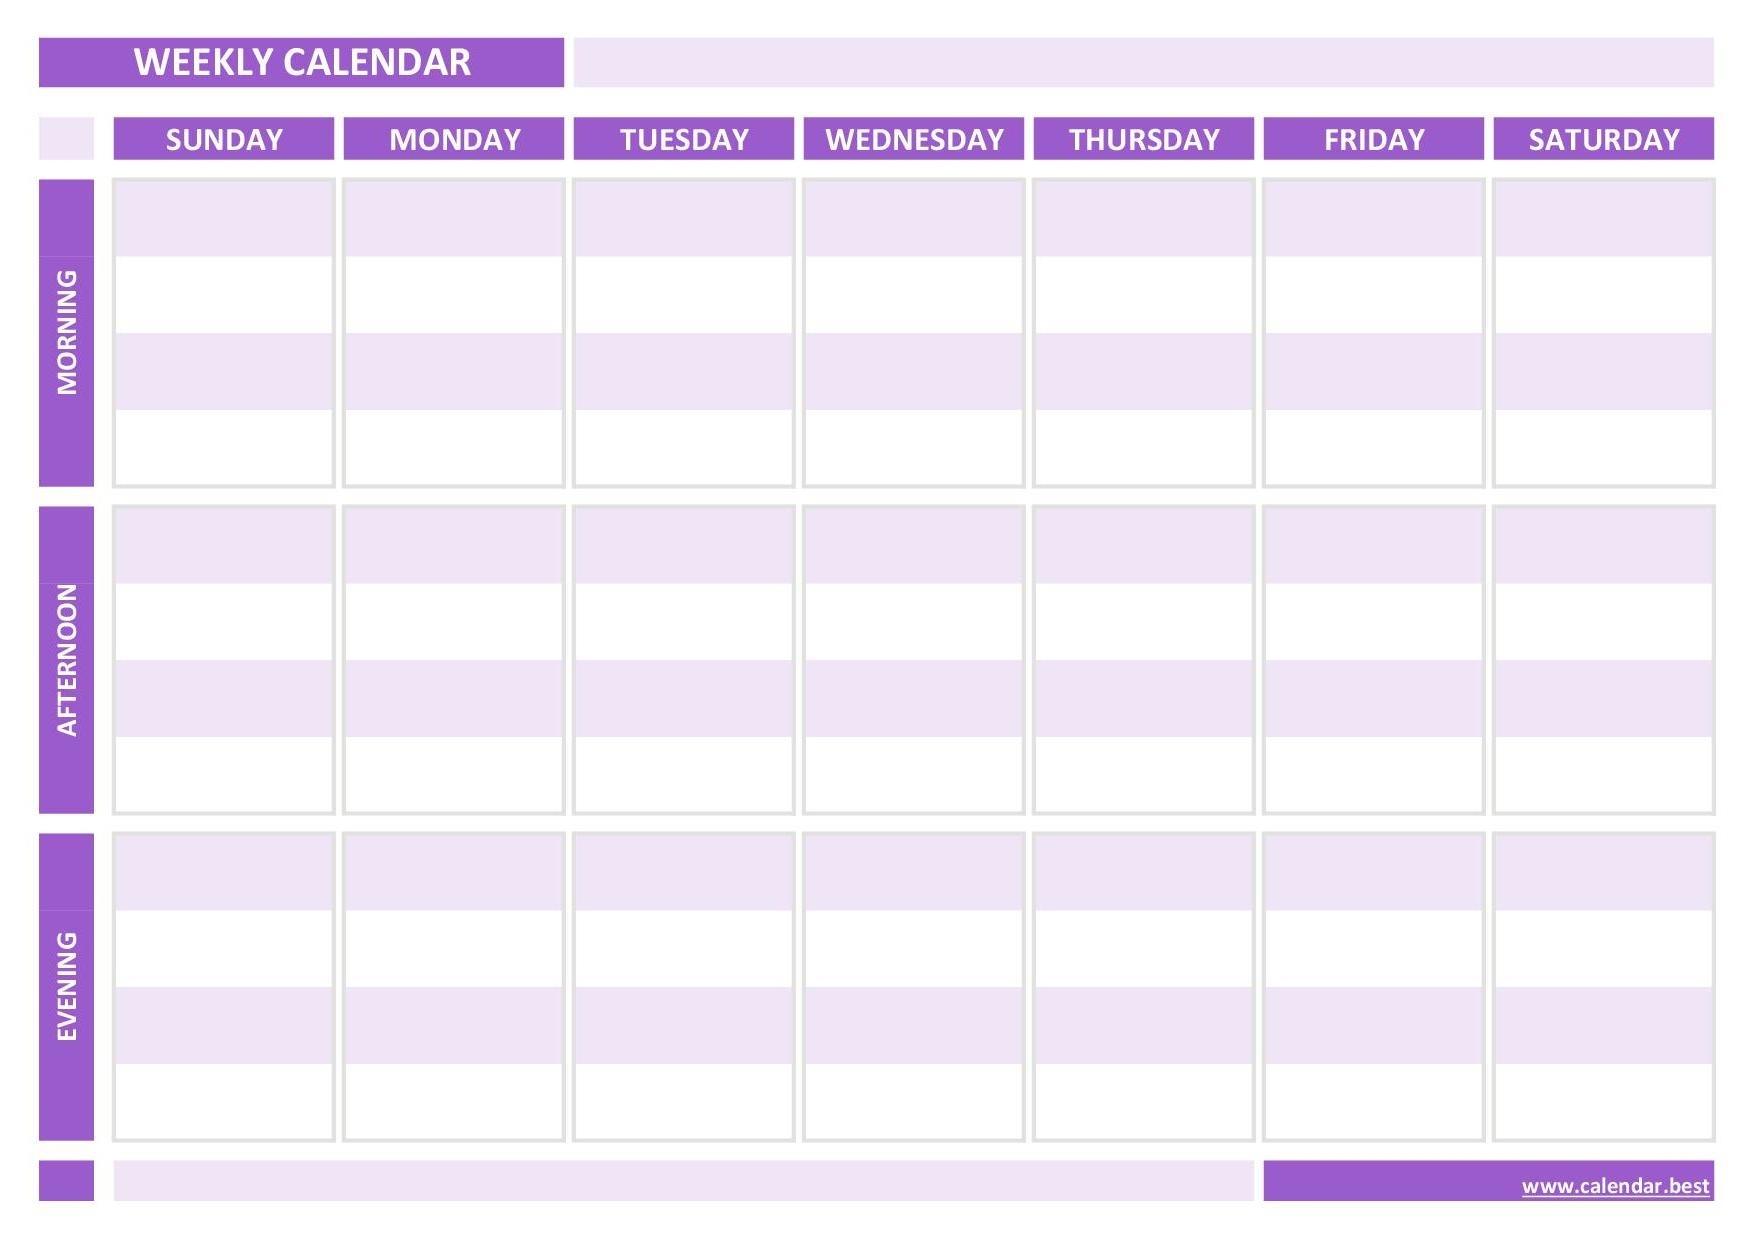 Weekly Calendar, Weekly Schedule -Calendar.best 3 Week Calendar Template